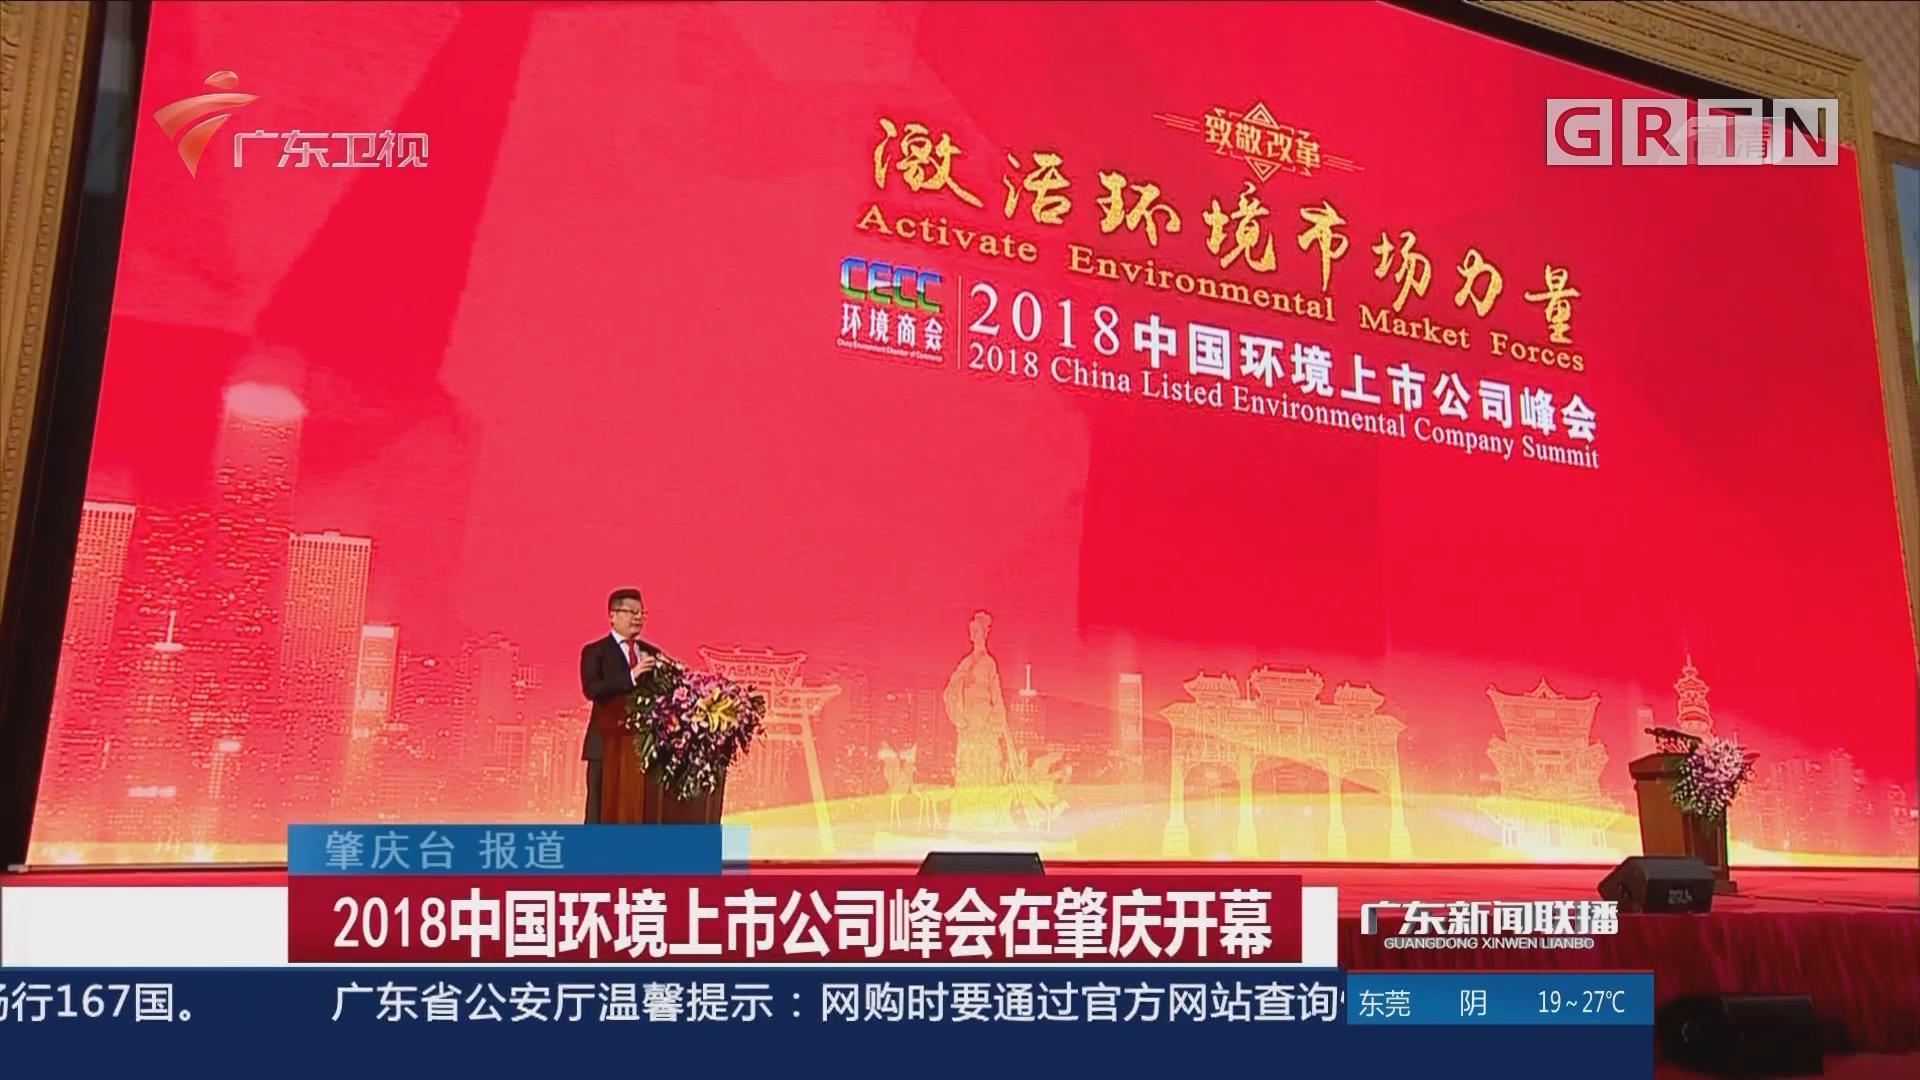 2018中国环境上市公司峰会在肇庆开幕